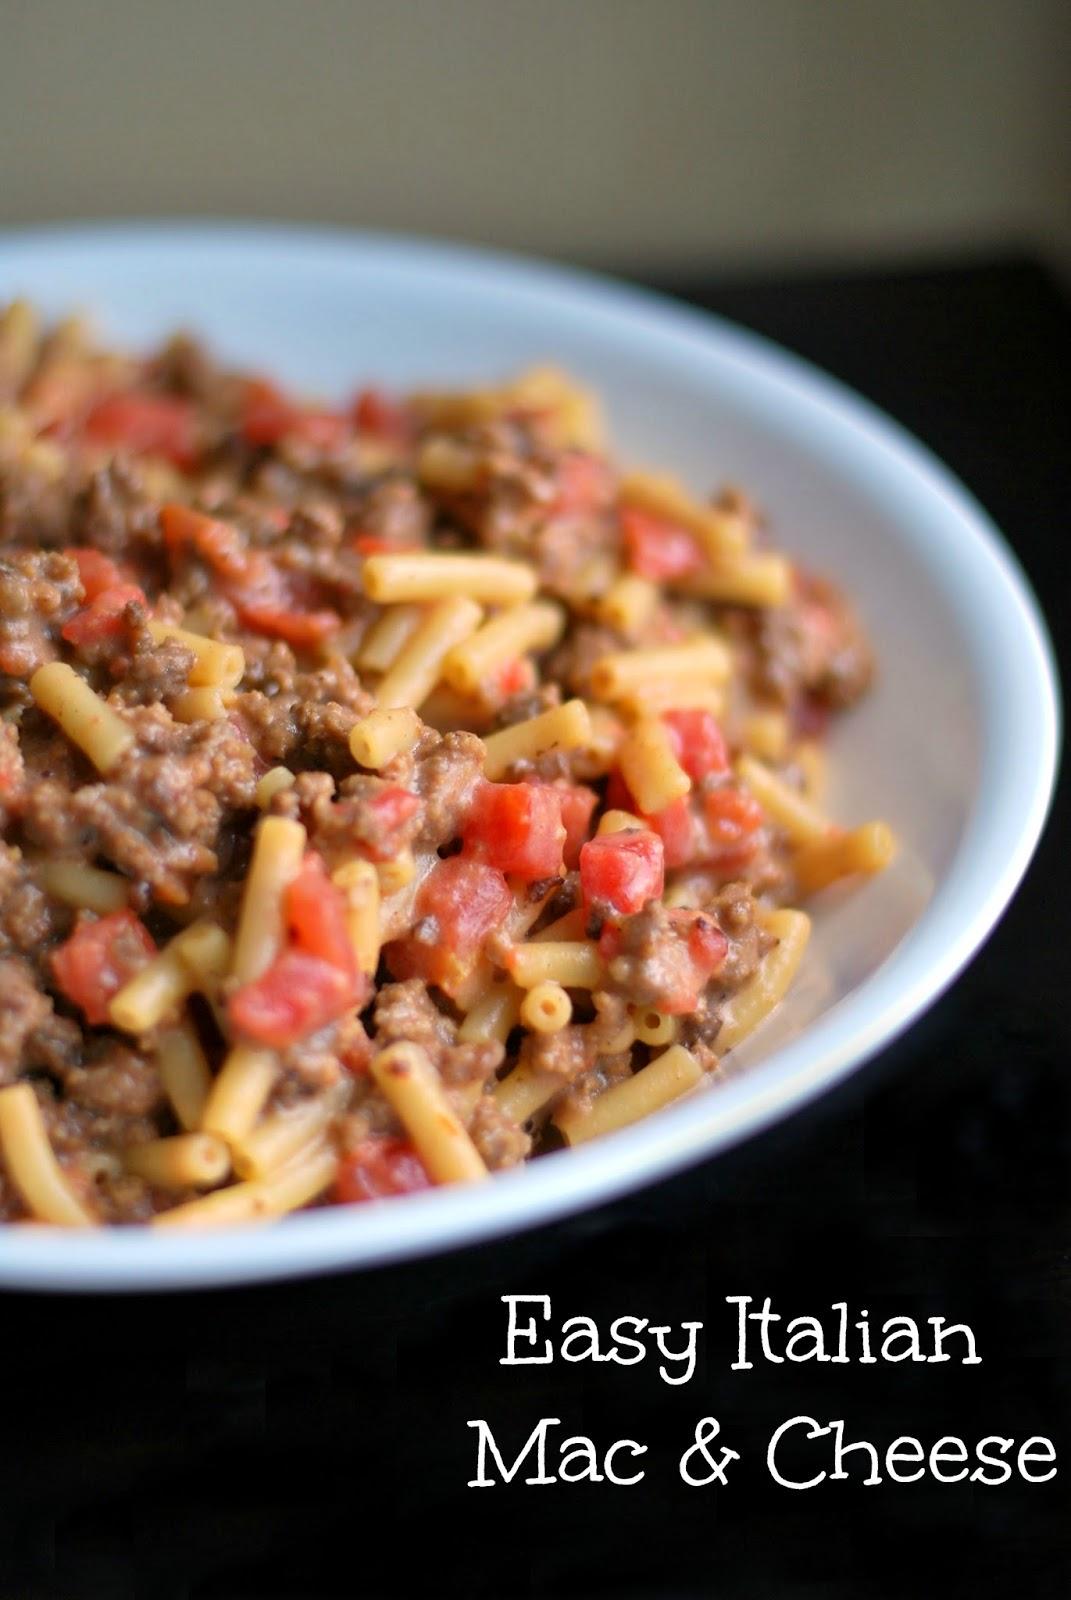 Aunt Bee's Recipes: Easy Italian Mac & Cheese